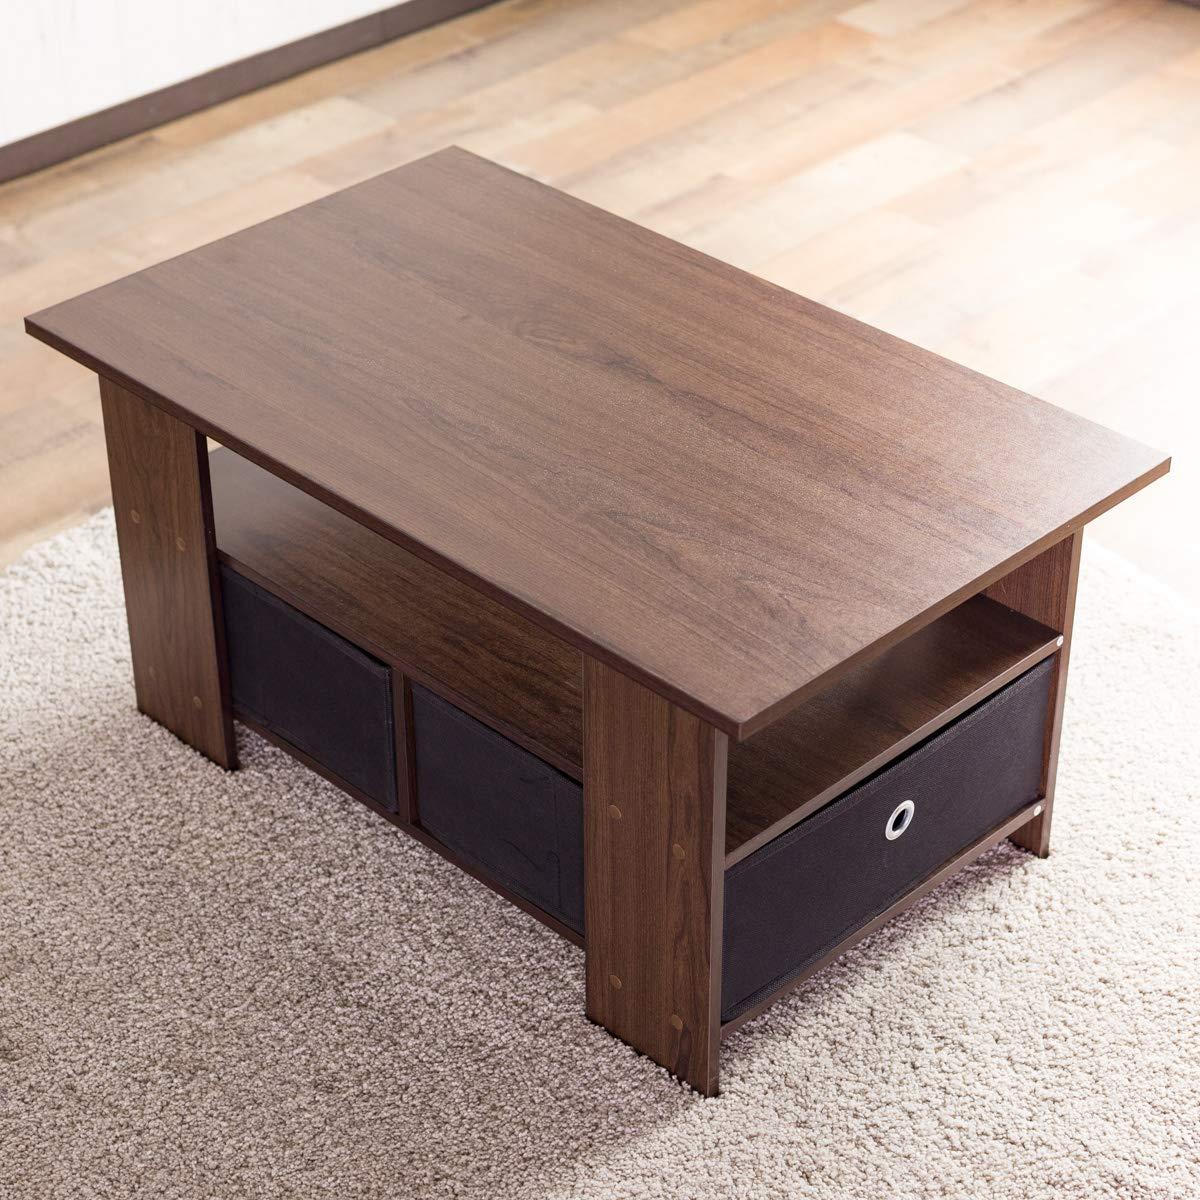 世界の窓プライム砦【お得な収納ケース2個付き】 使いやすい収納センターテーブル(80×48cm) すっきり片付く収納テーブル 中下段で3分割 木製ローテーブル 訳有り (ブラウン色) ブラウン 1:センターテーブル